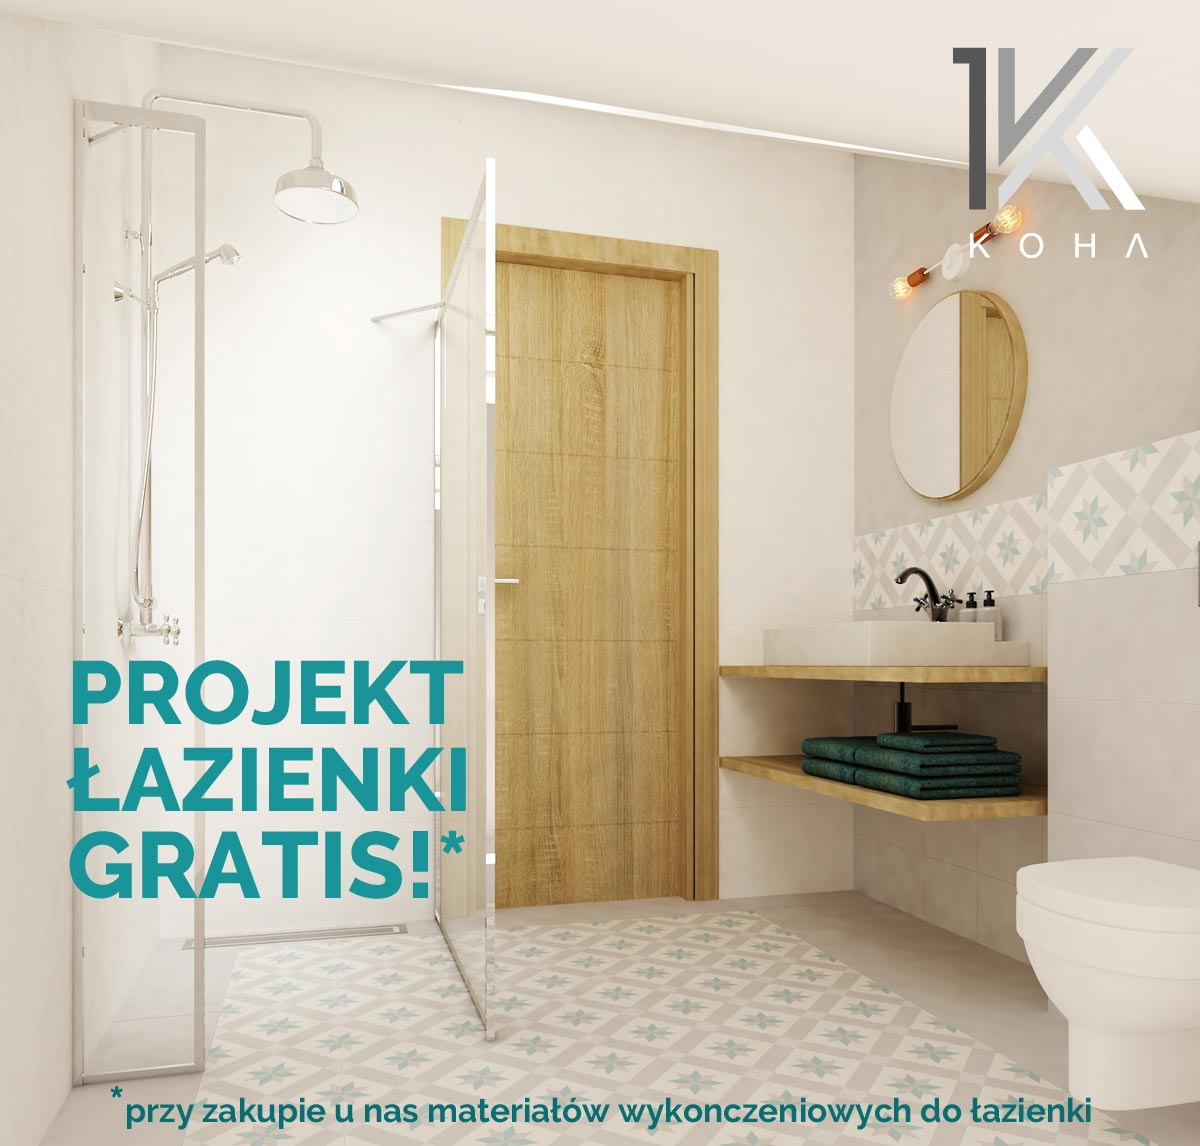 Projekt łazienki Gratis Koha Salon Wnętrz I Pracownia